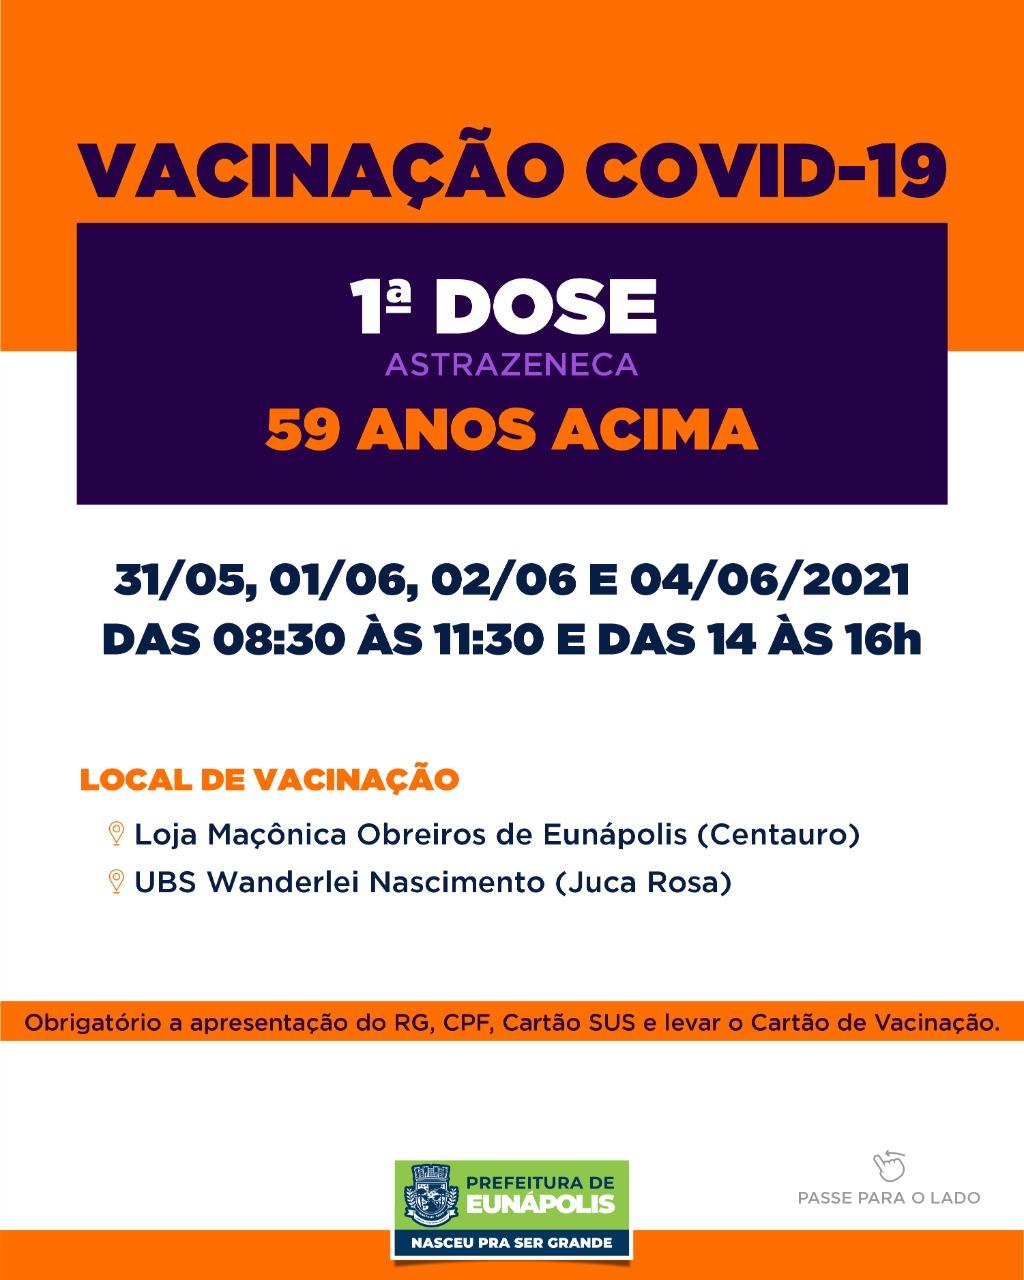 Secretaria de Saúde de Eunápolis informa o cronograma da semana de vacinação contra à Covid-19 36